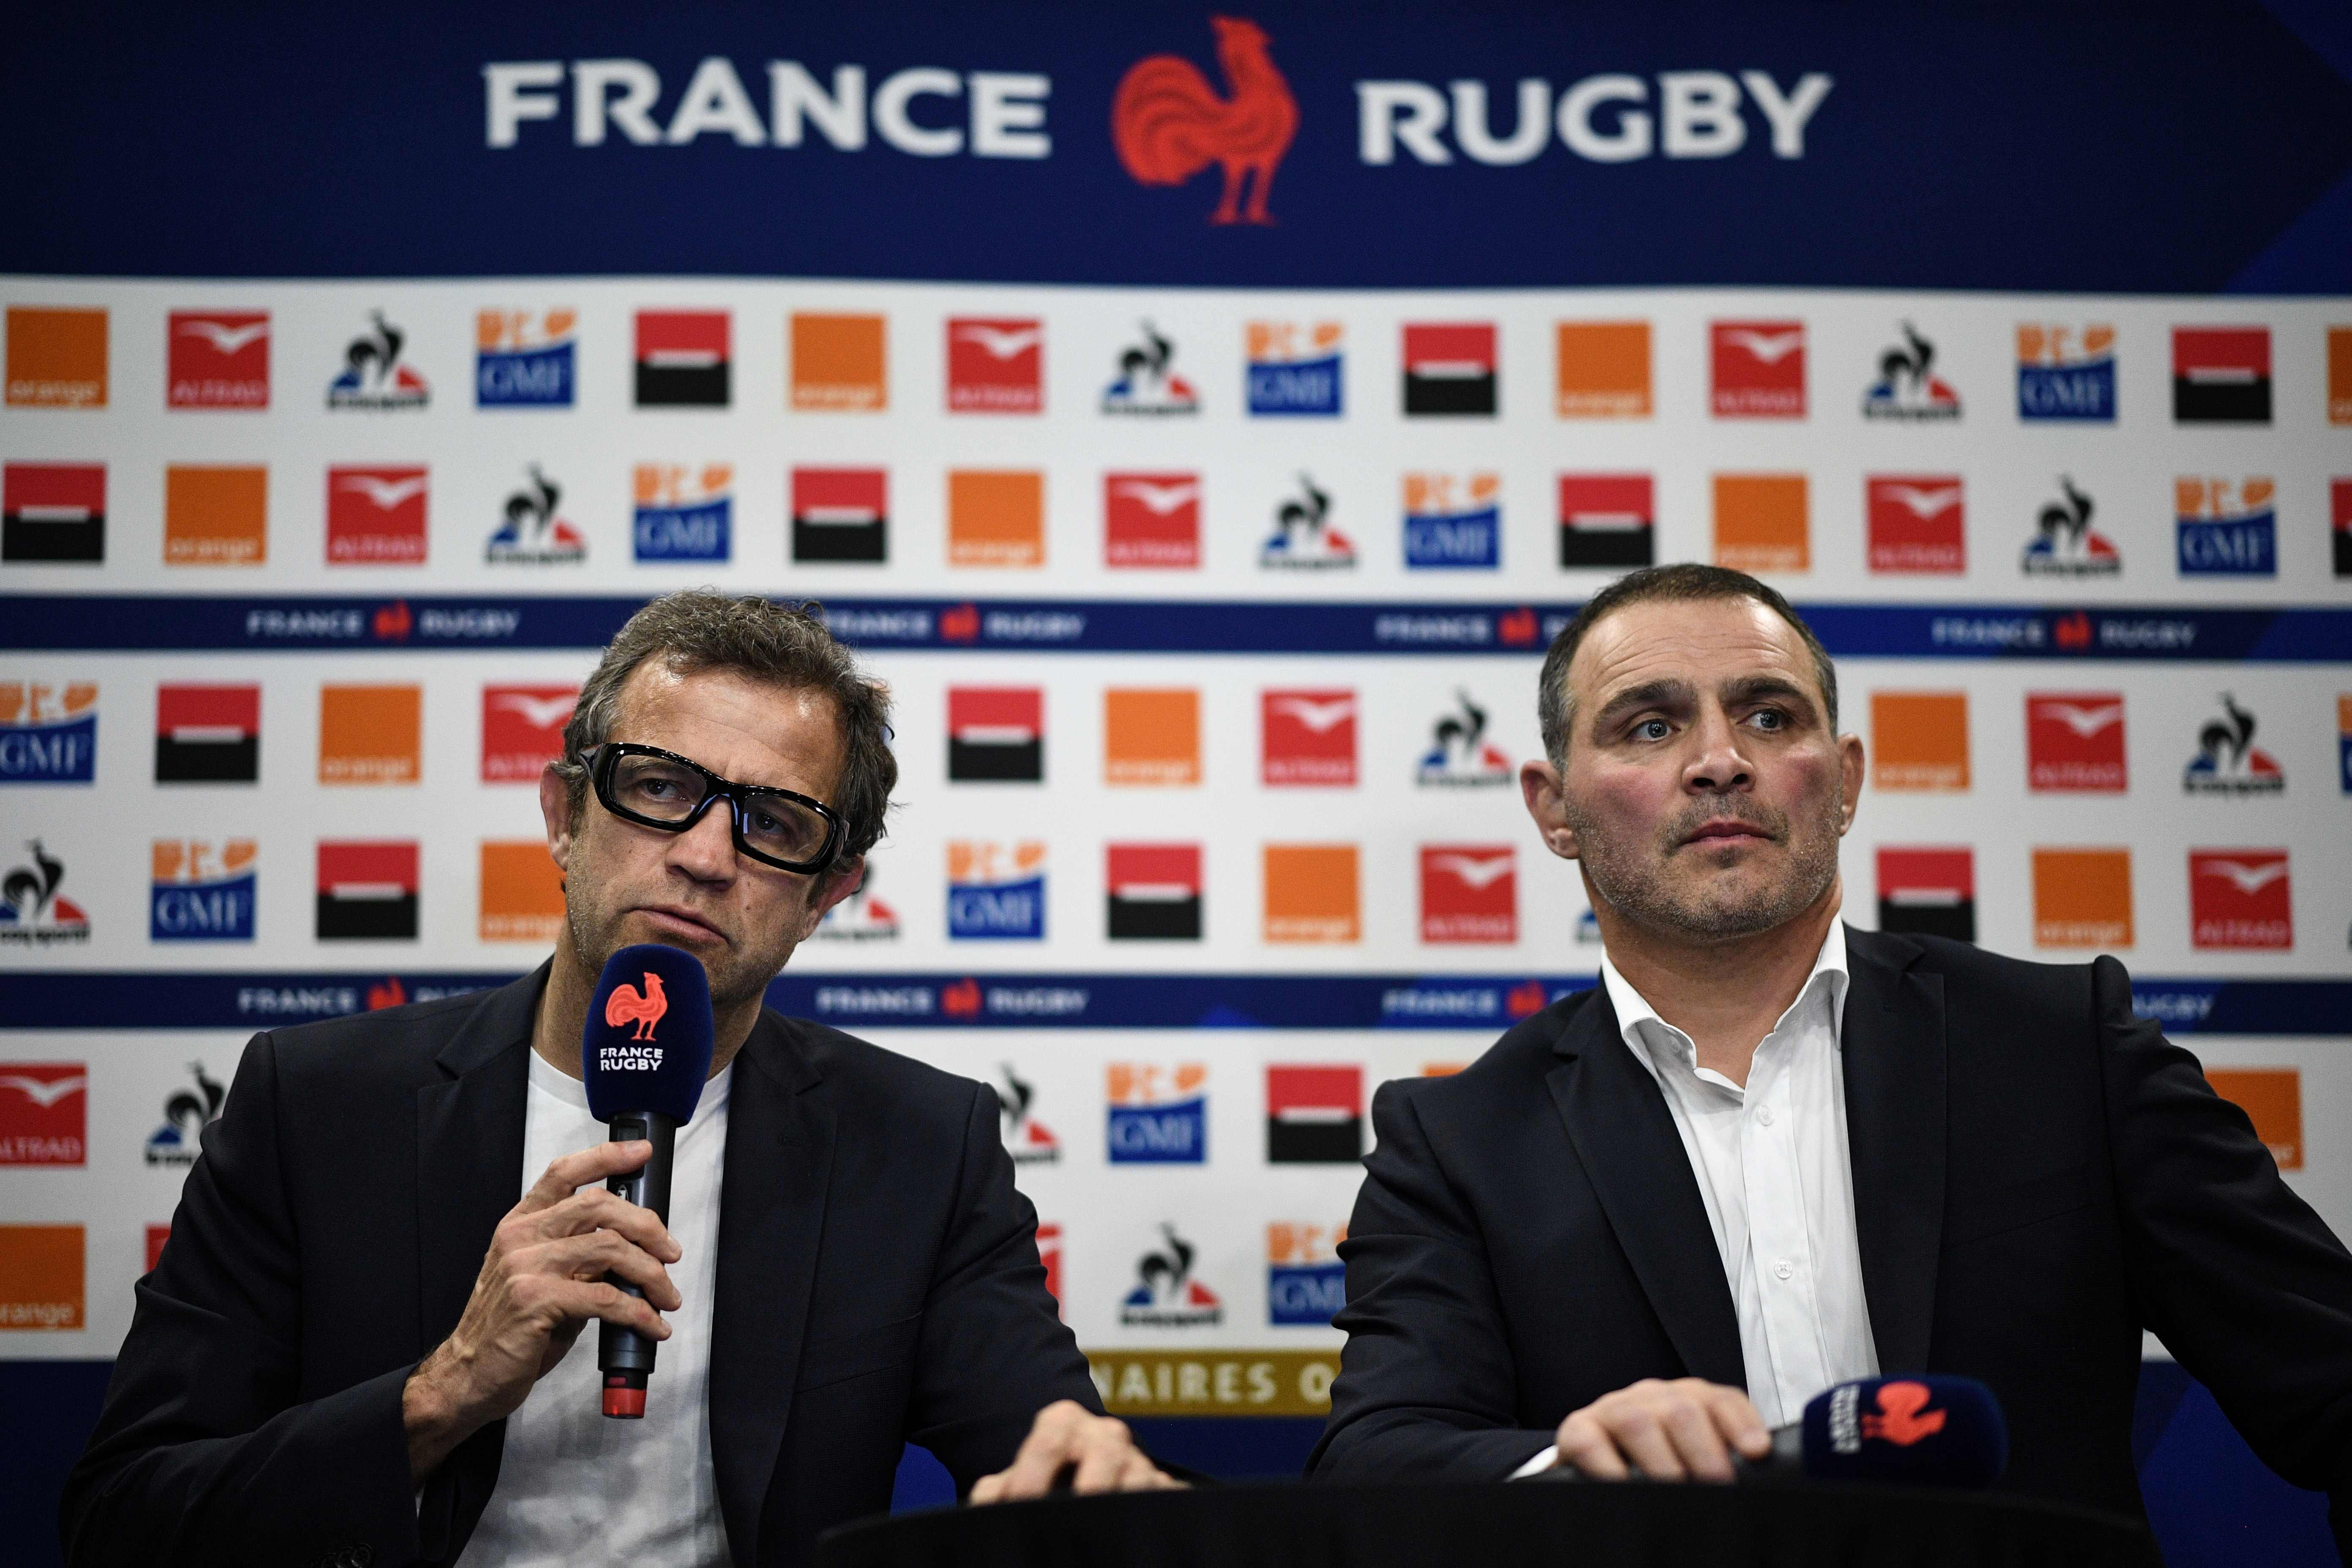 Rugby - 6 Nations - XV de France : malgré un Tournoi tronqué, Galthié et Ibanez dressent un premier bilan positif